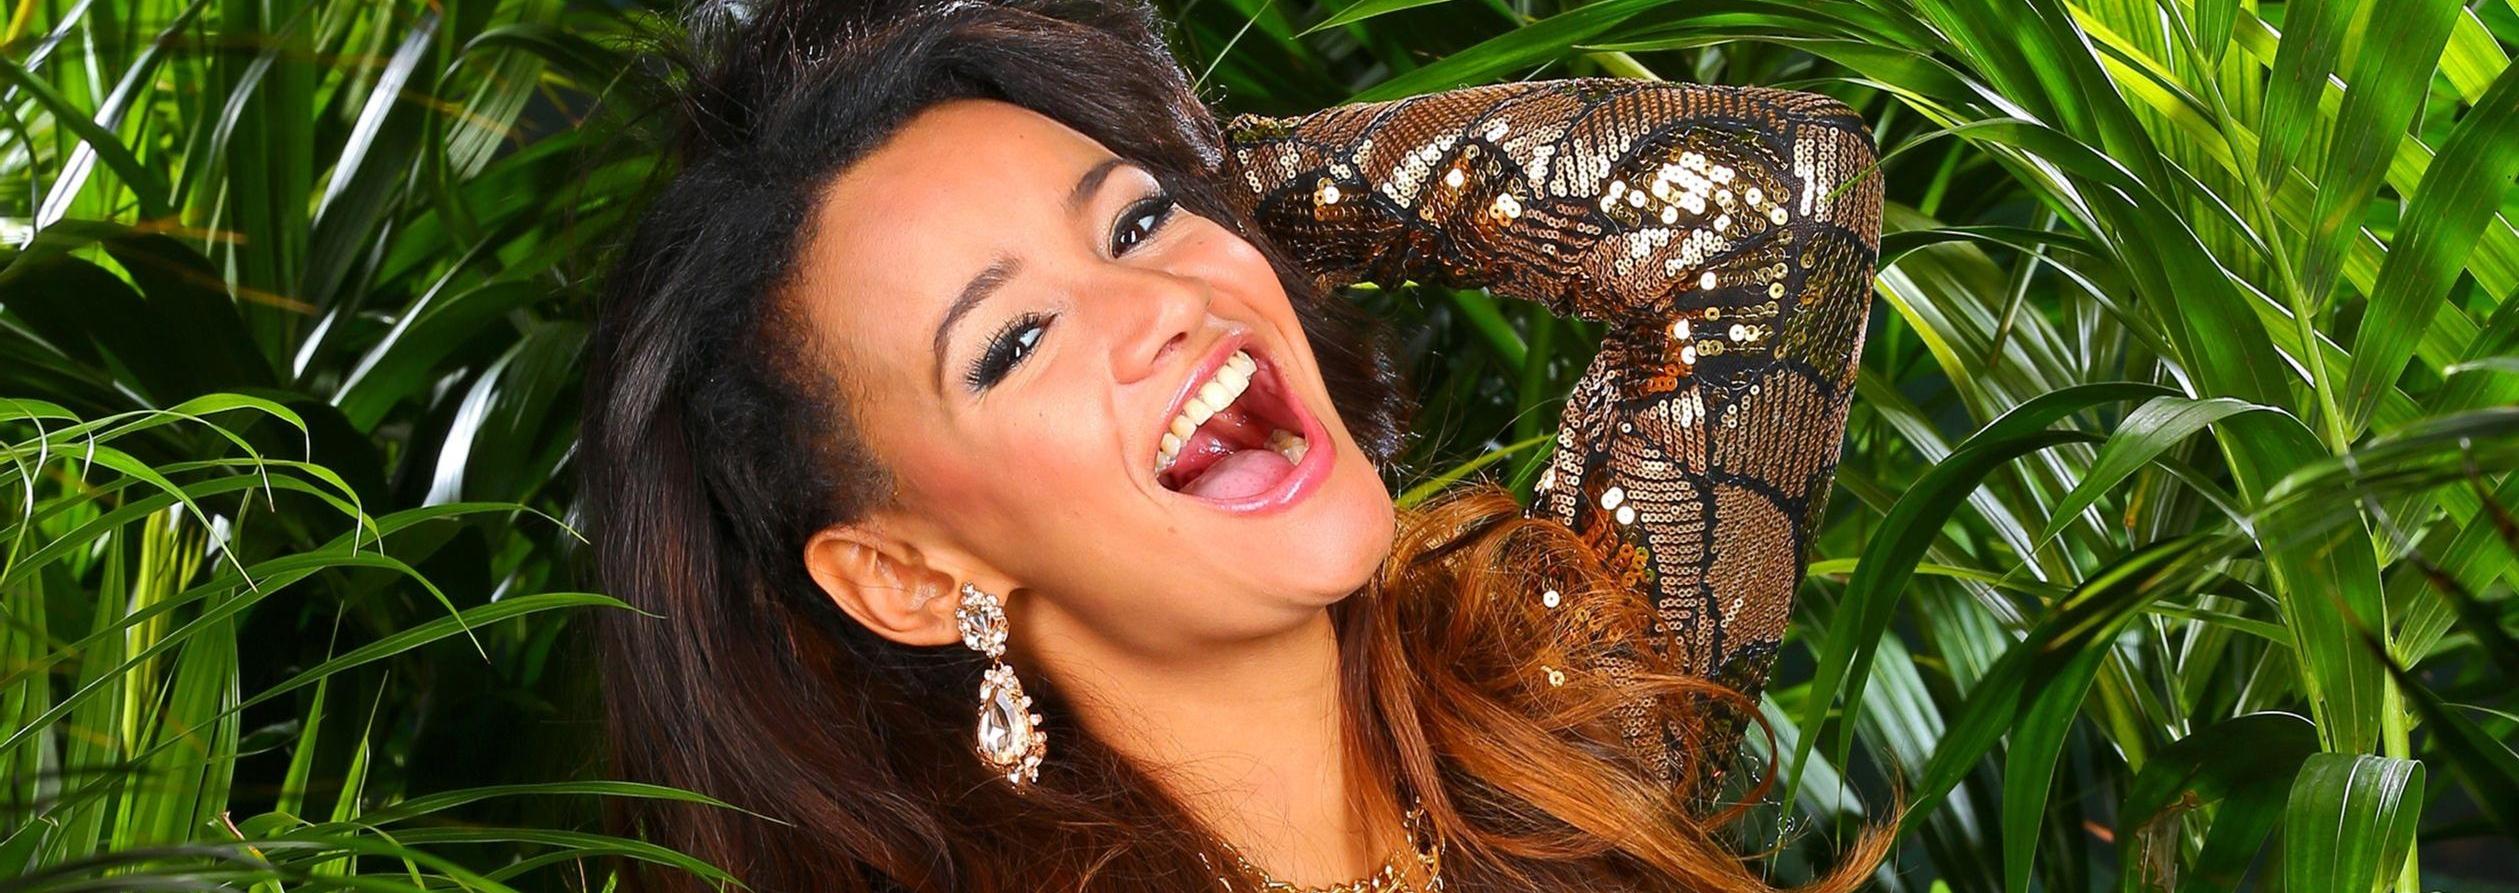 Gabby de Almeida Rinne Dschungelcamp 2014 Kandidat